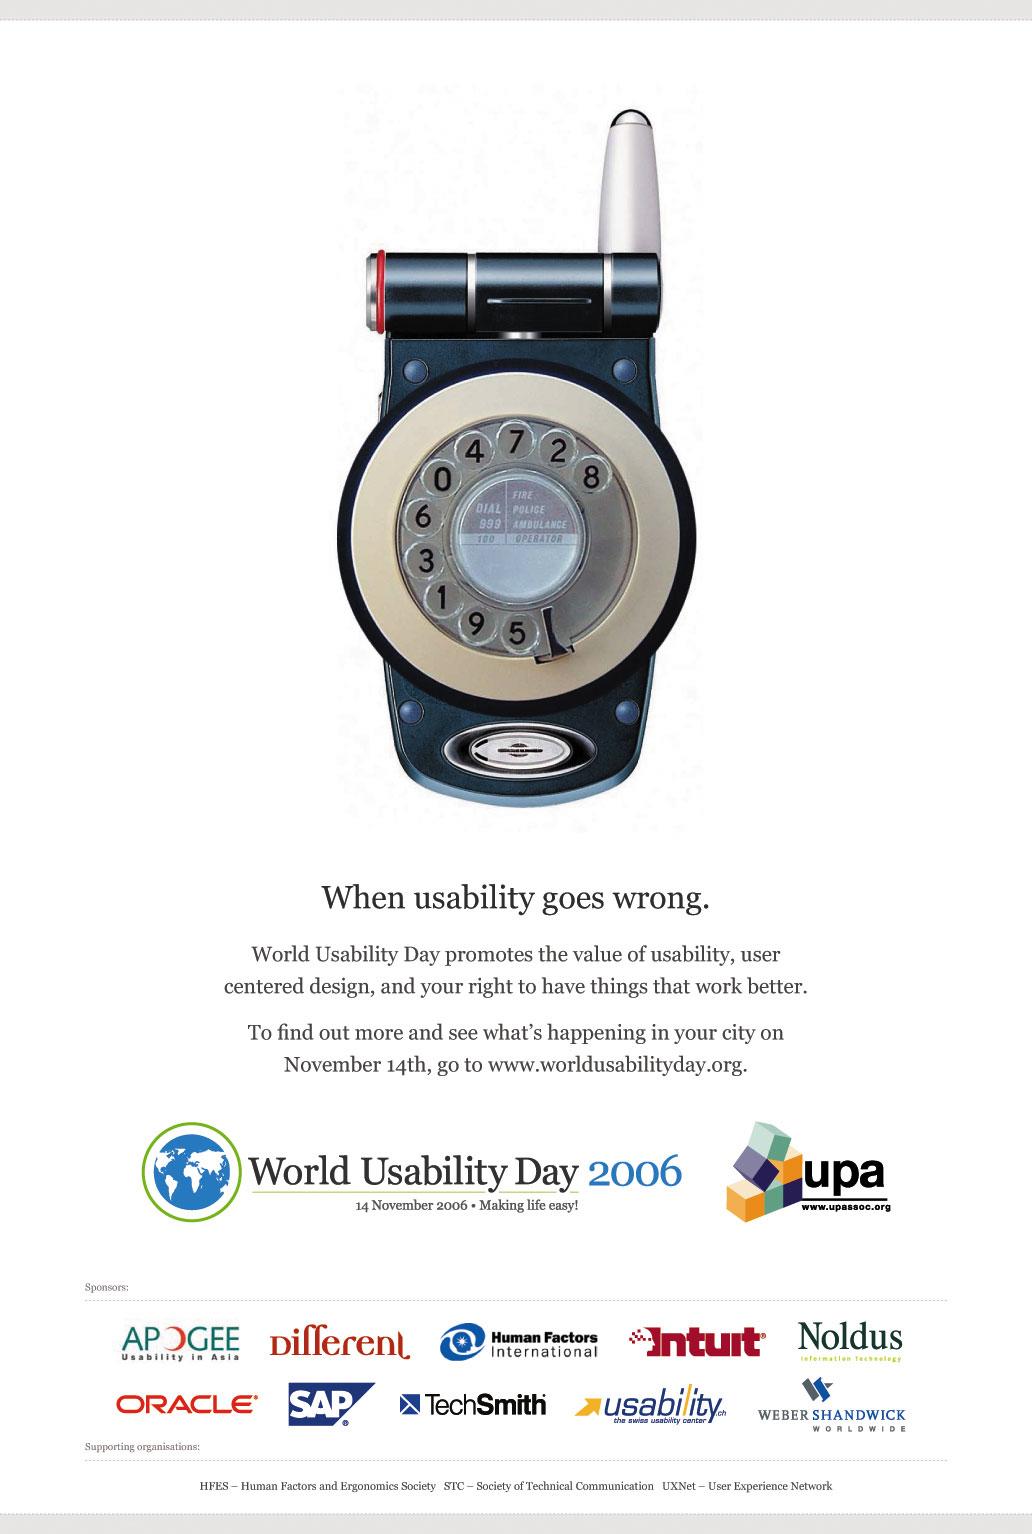 o_usability-3gr.jpg